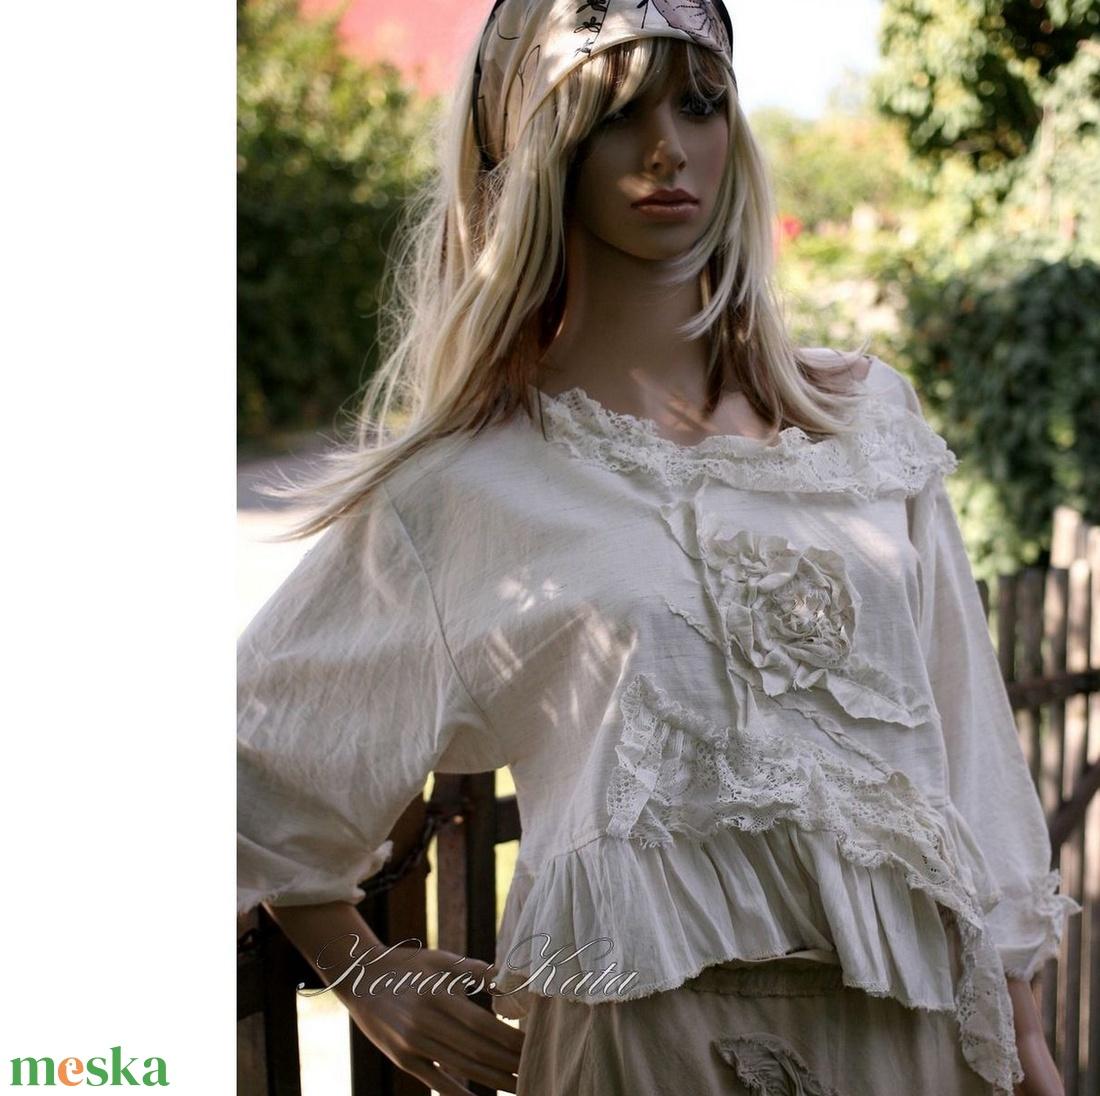 IRMA - artsy rövid vászon blúz - ruha & divat - női ruha - blúz - Meska.hu